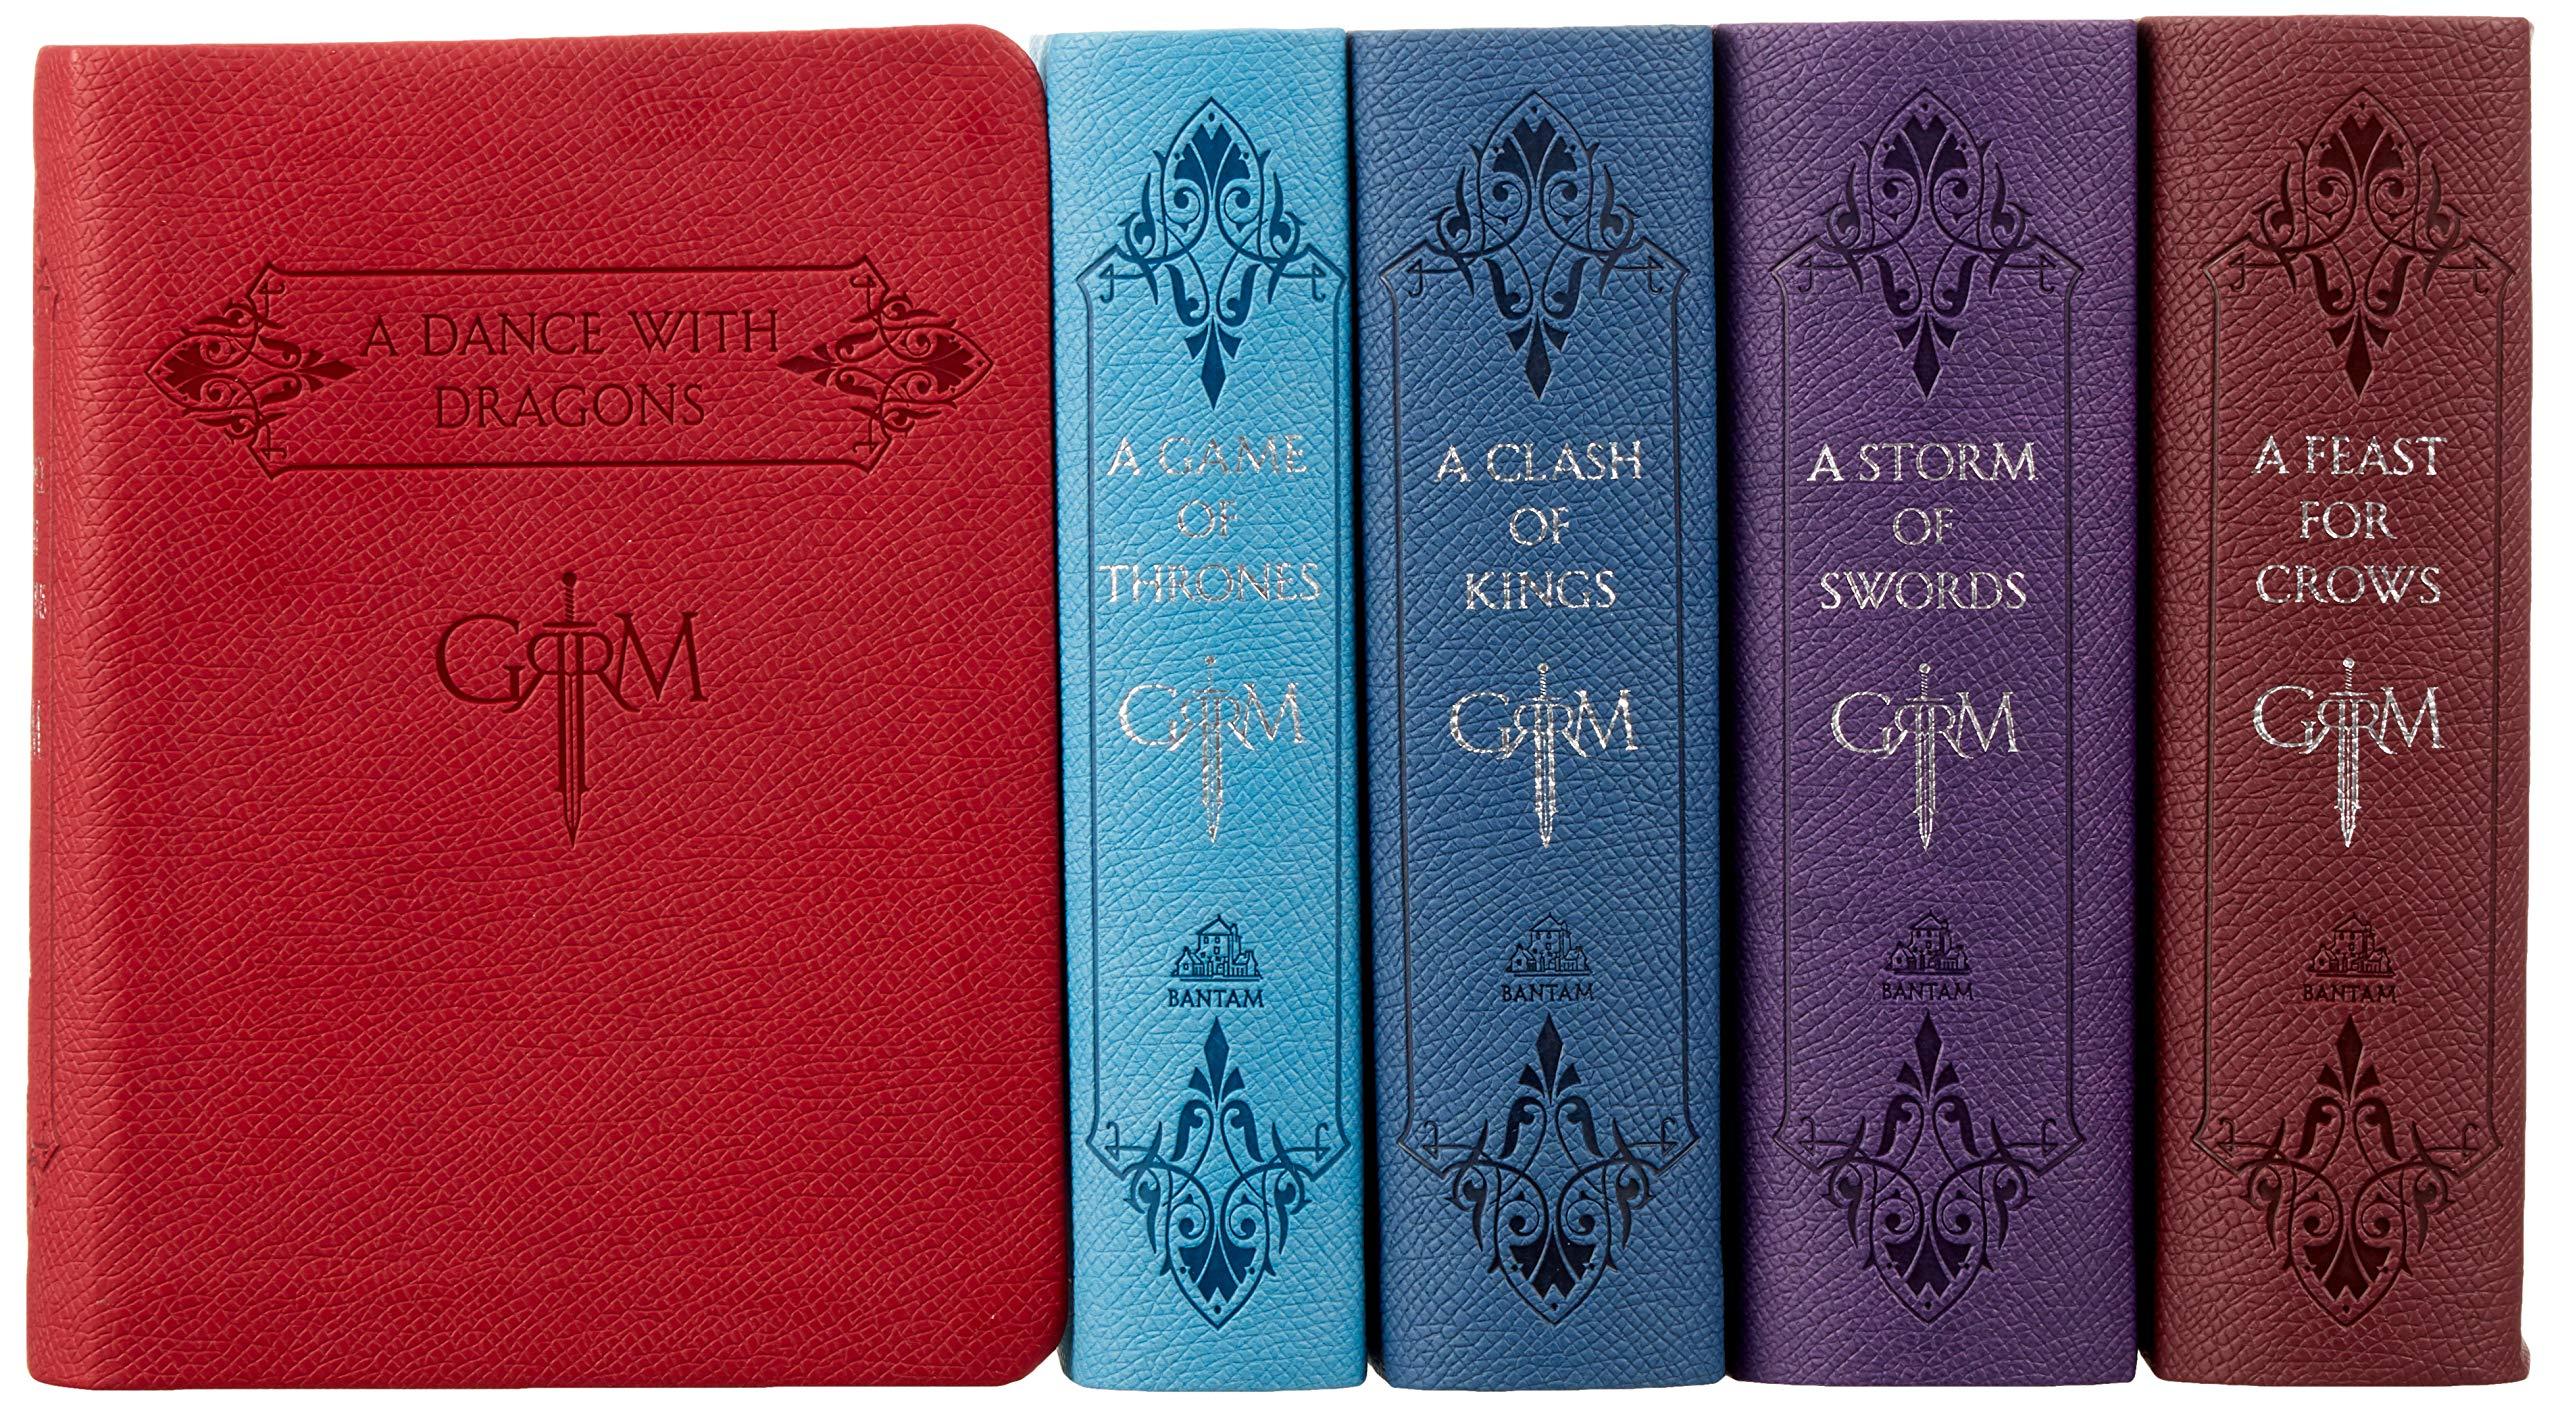 Box set de libros Game of Thrones con 20% de descuento en Amazon México